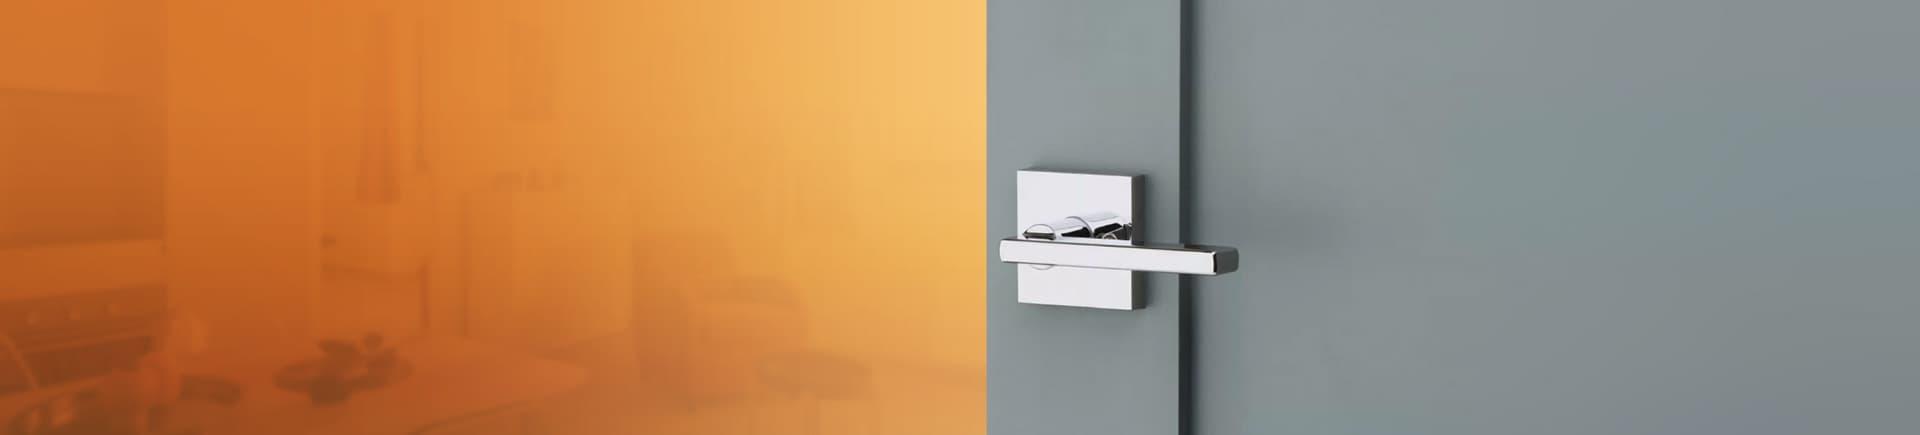 Door hardware products